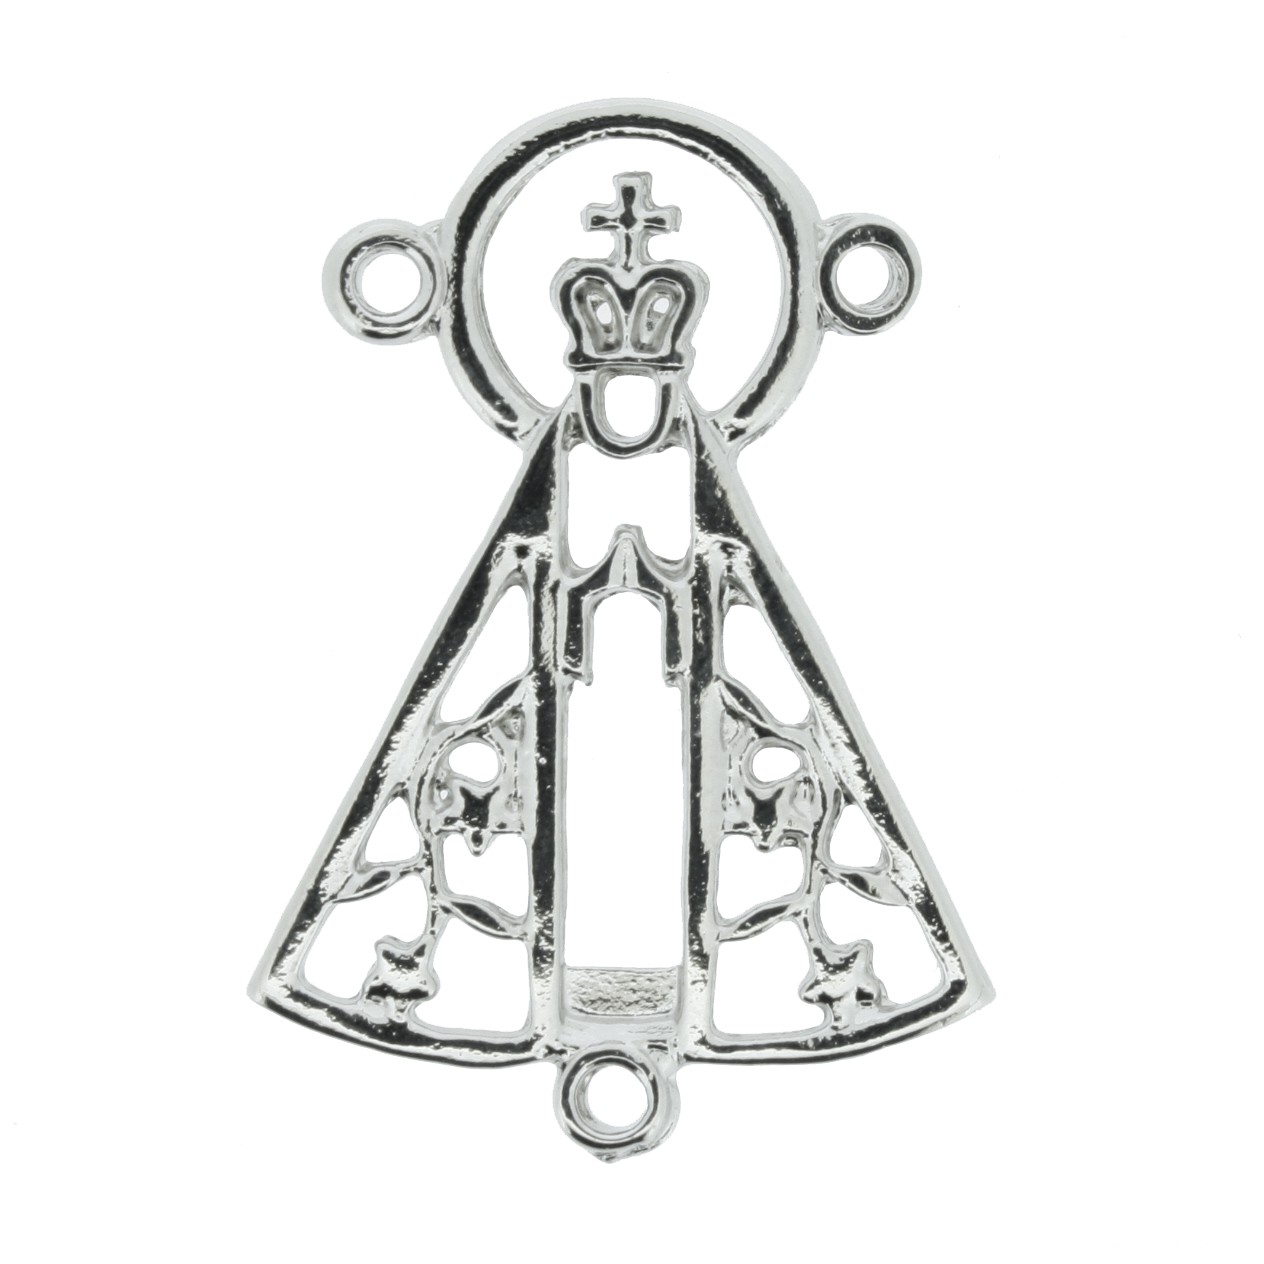 Entremeio Terço Nsa. Aparecida - Níquel - 35mm  - Stéphanie Bijoux® - Peças para Bijuterias e Artesanato